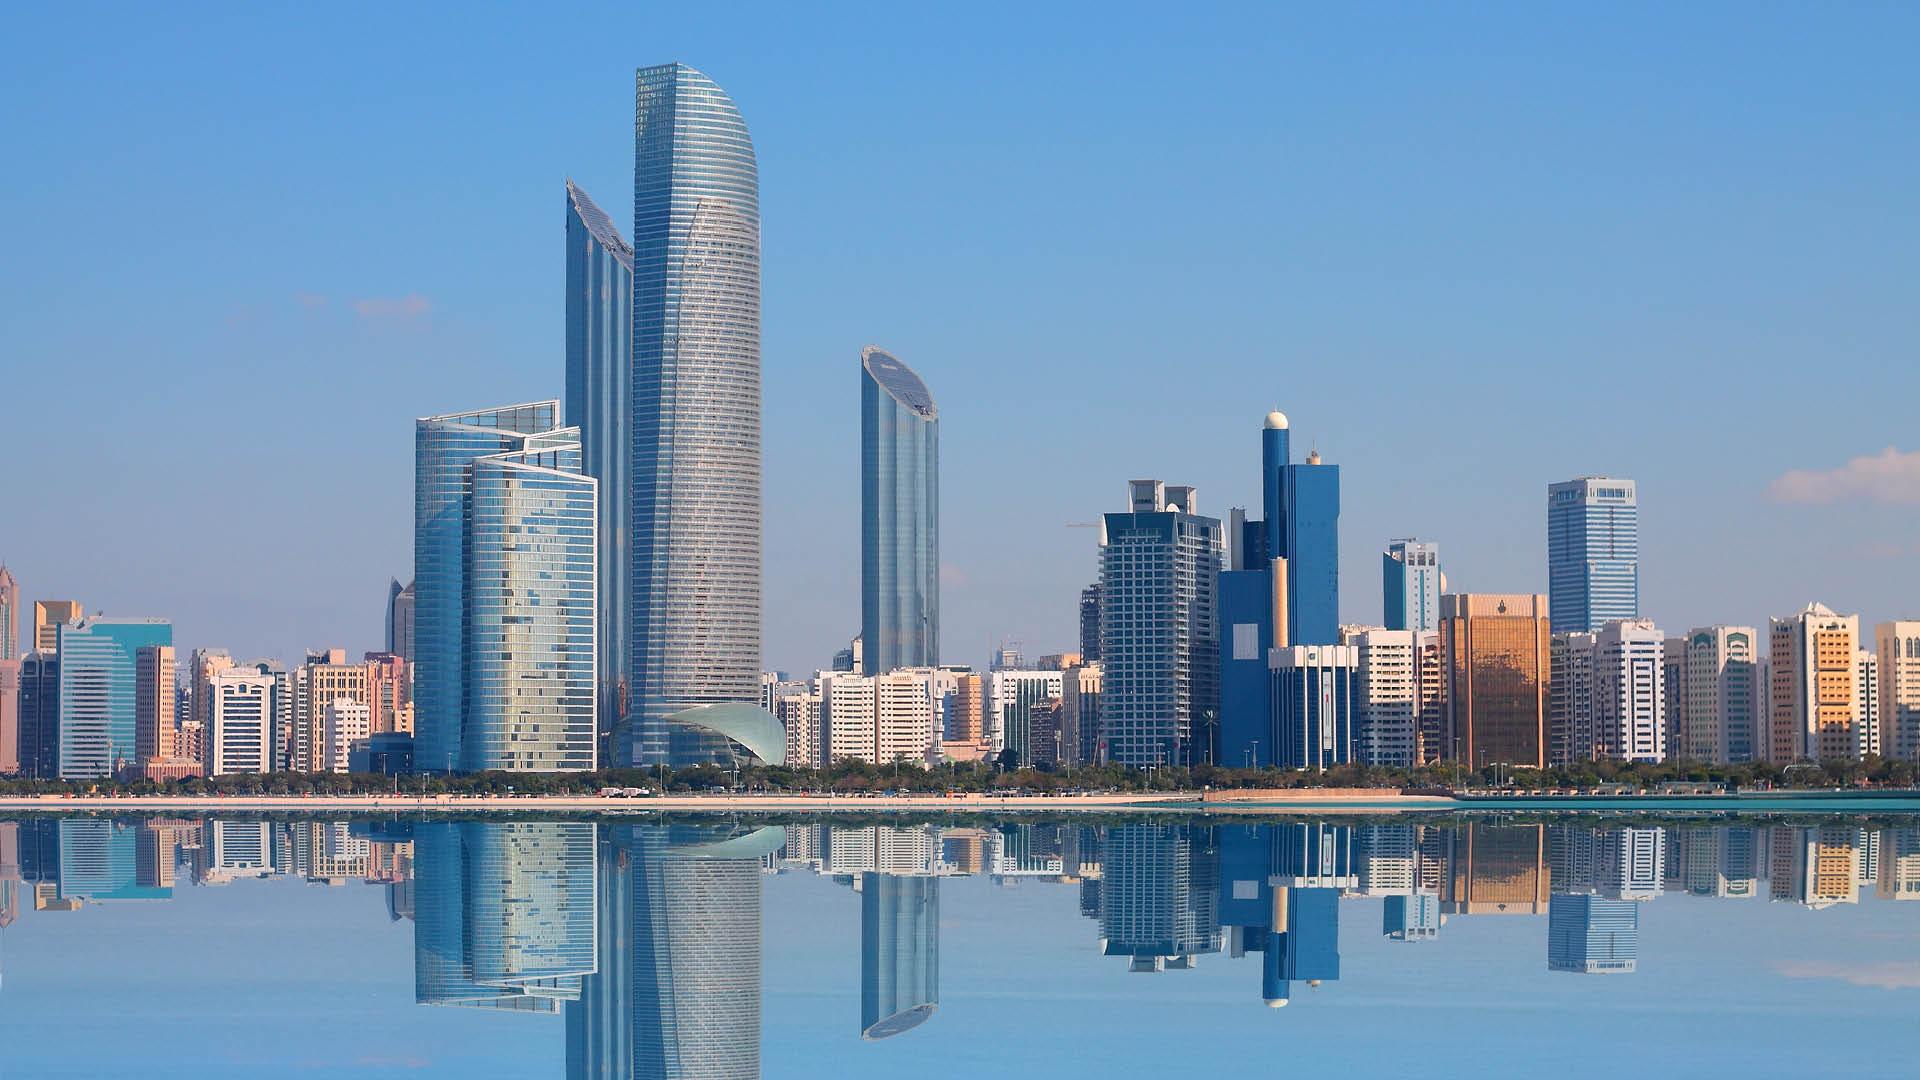 UAE skyline